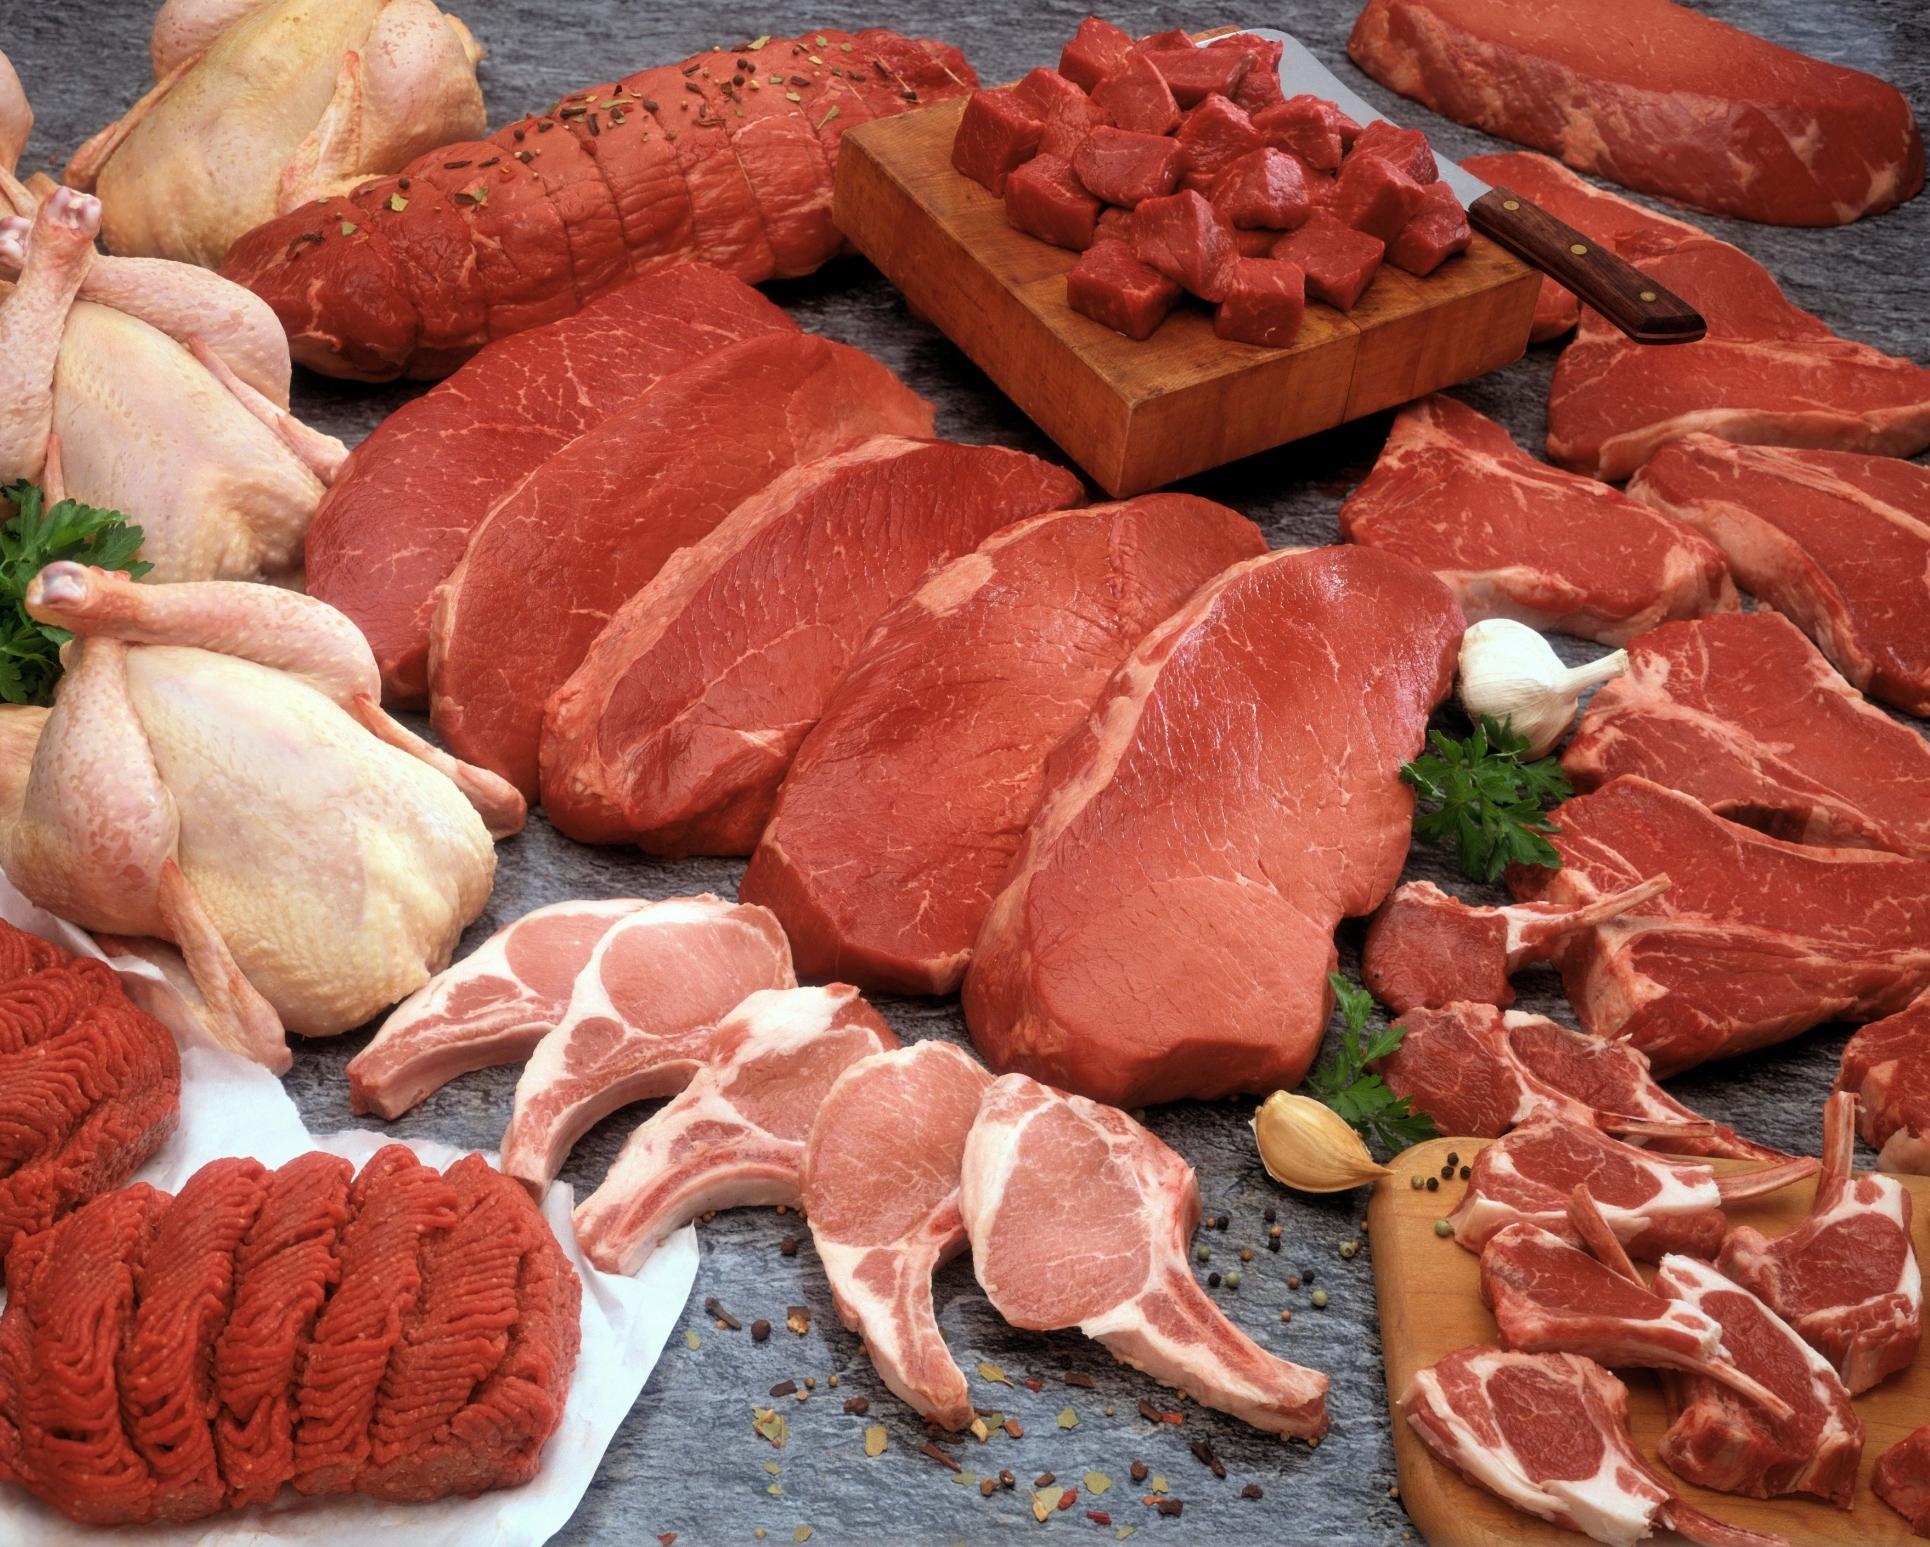 ФАО ожидает роста мирового производства мяса